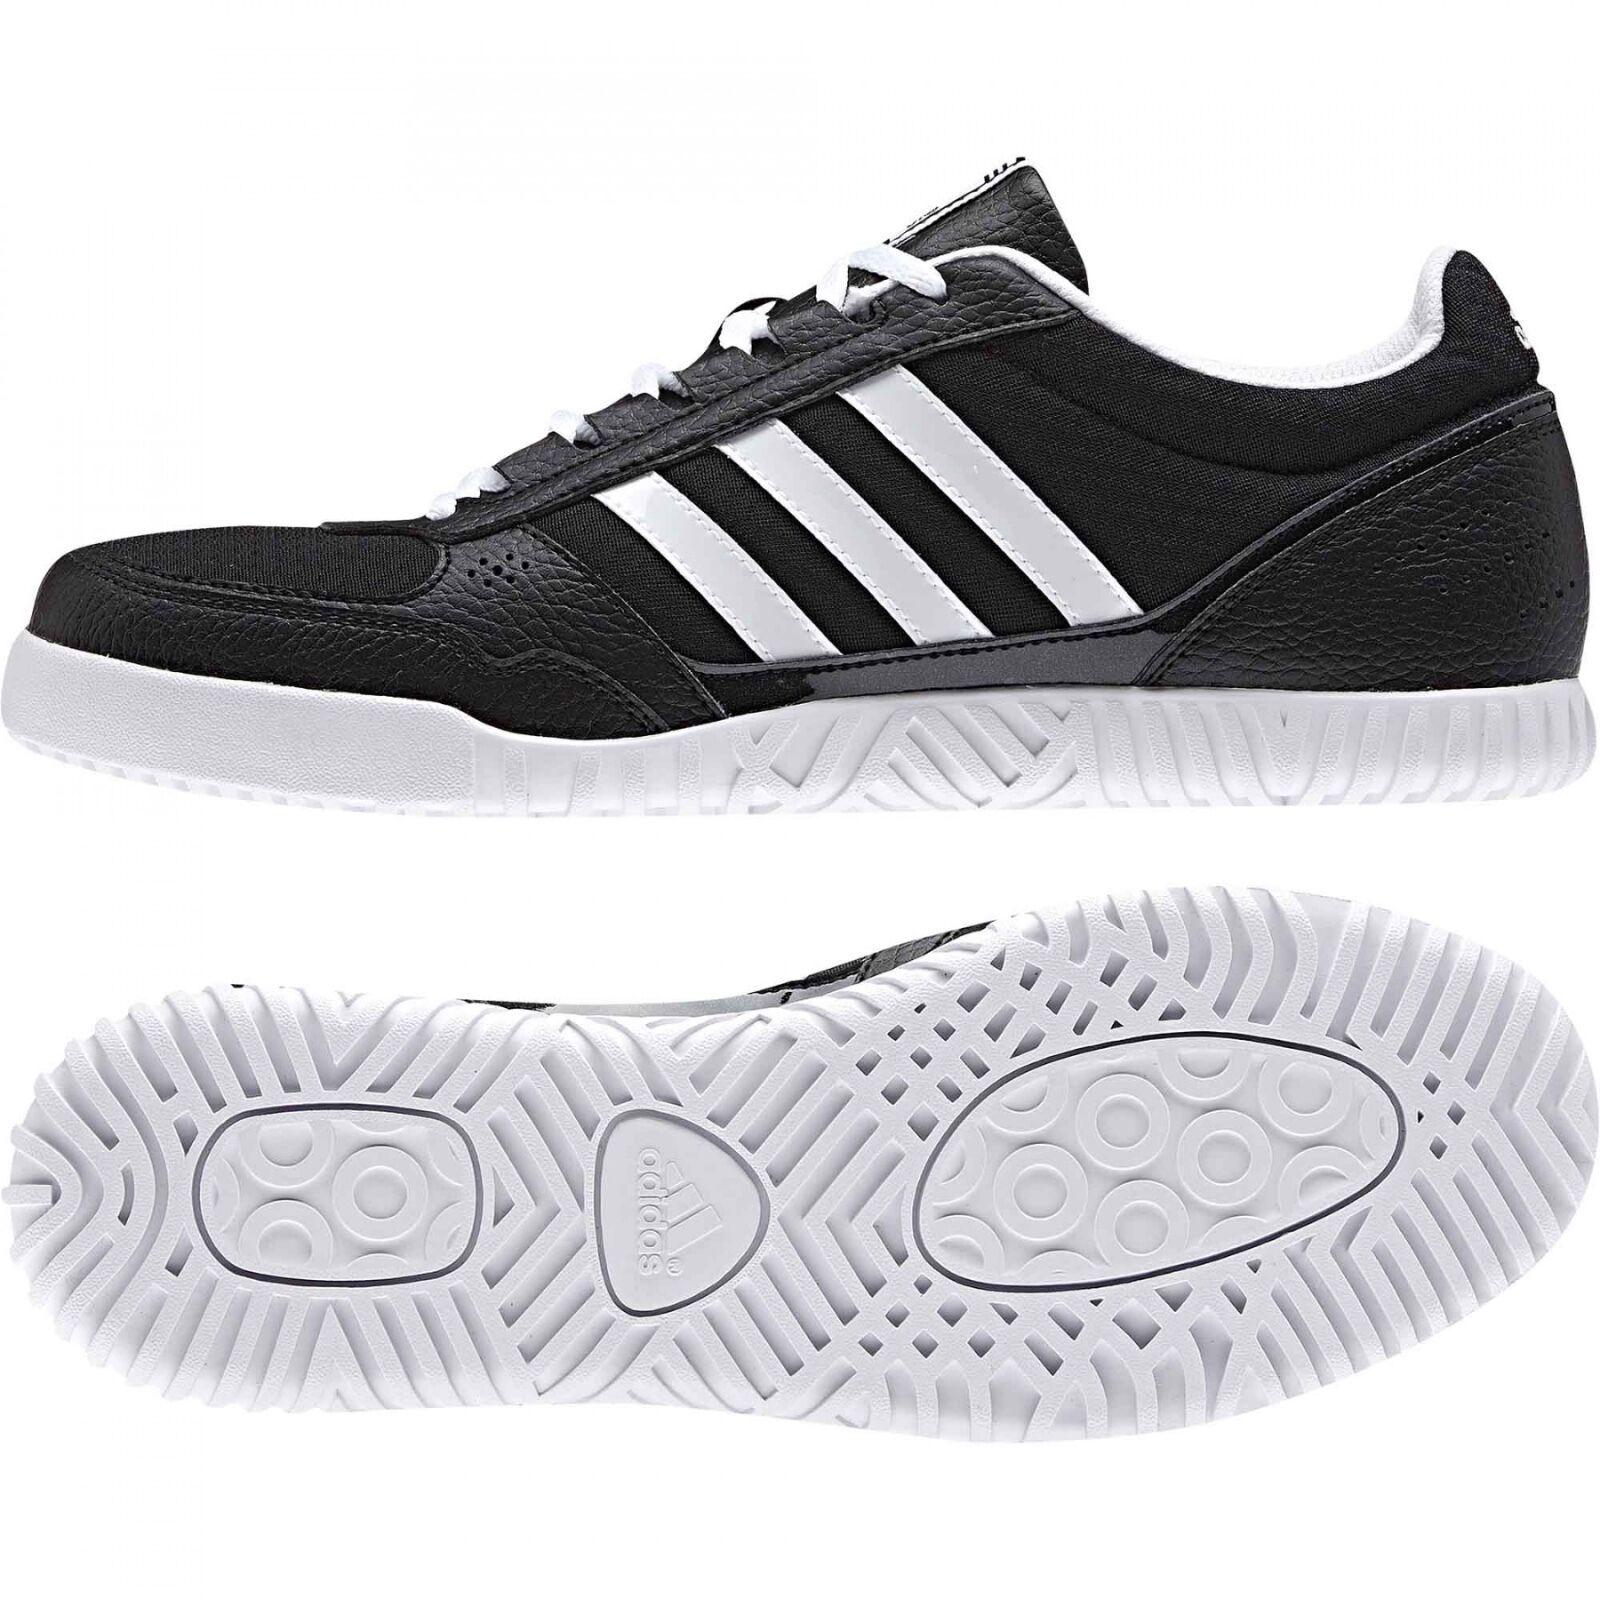 best loved 46743 09b57 ... Adidas Sneaker schwarz 24 7 UVP€ 55 NEU NEU NEU + OVP 50390e ...